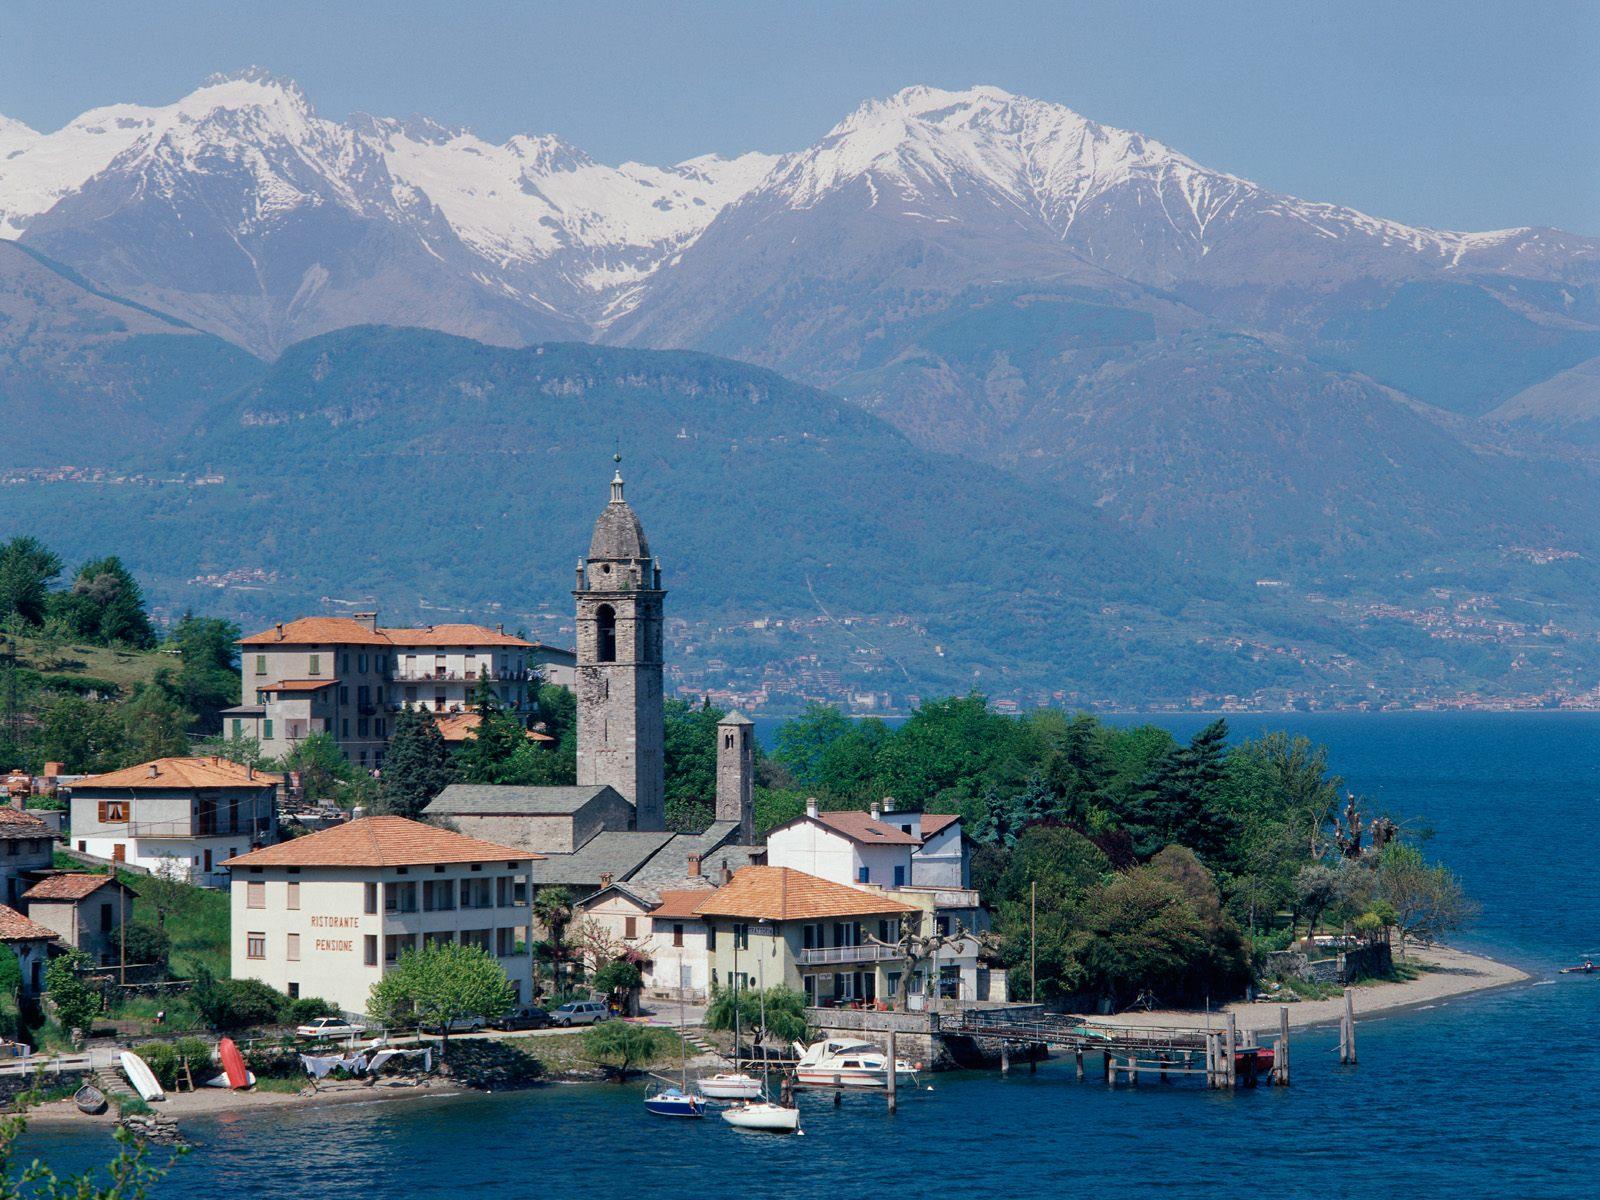 http://4.bp.blogspot.com/-VR8aCEQJwPg/Tlfnuc472jI/AAAAAAAAAik/ck6LBZdl9r4/s1600/Lake_Como_Italy.jpg